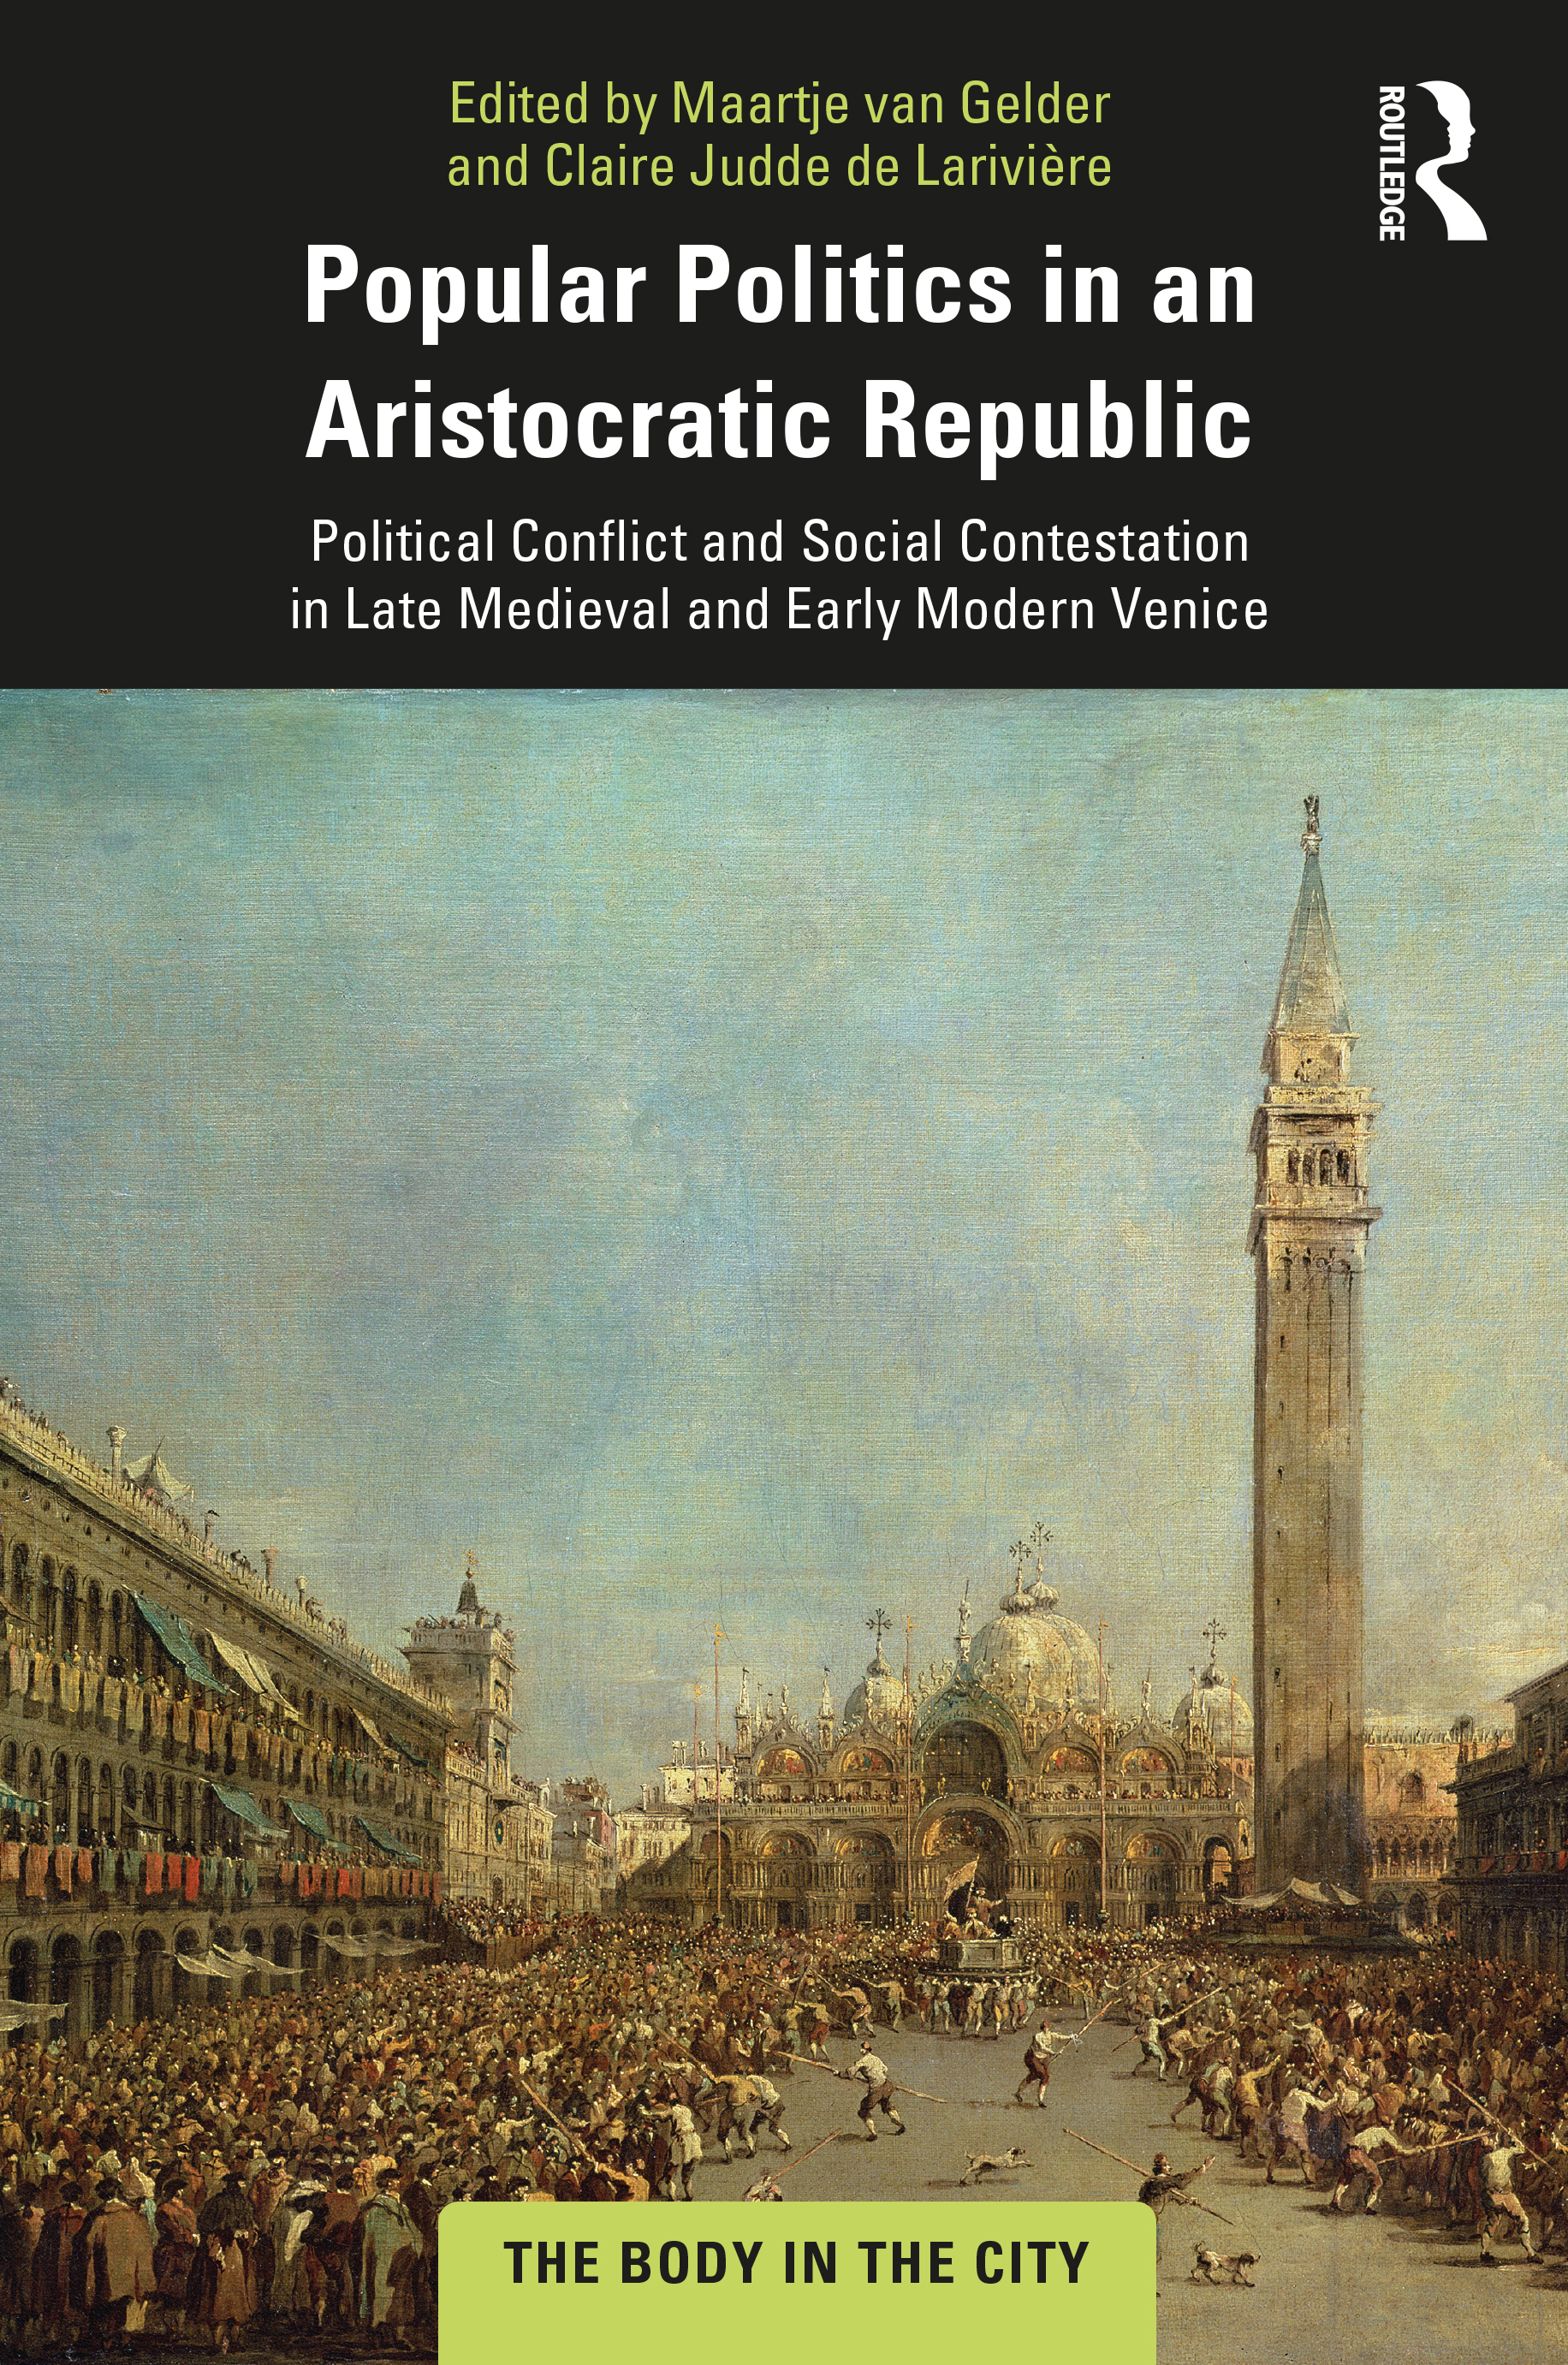 Popular Politics in an Aristocratic Republic